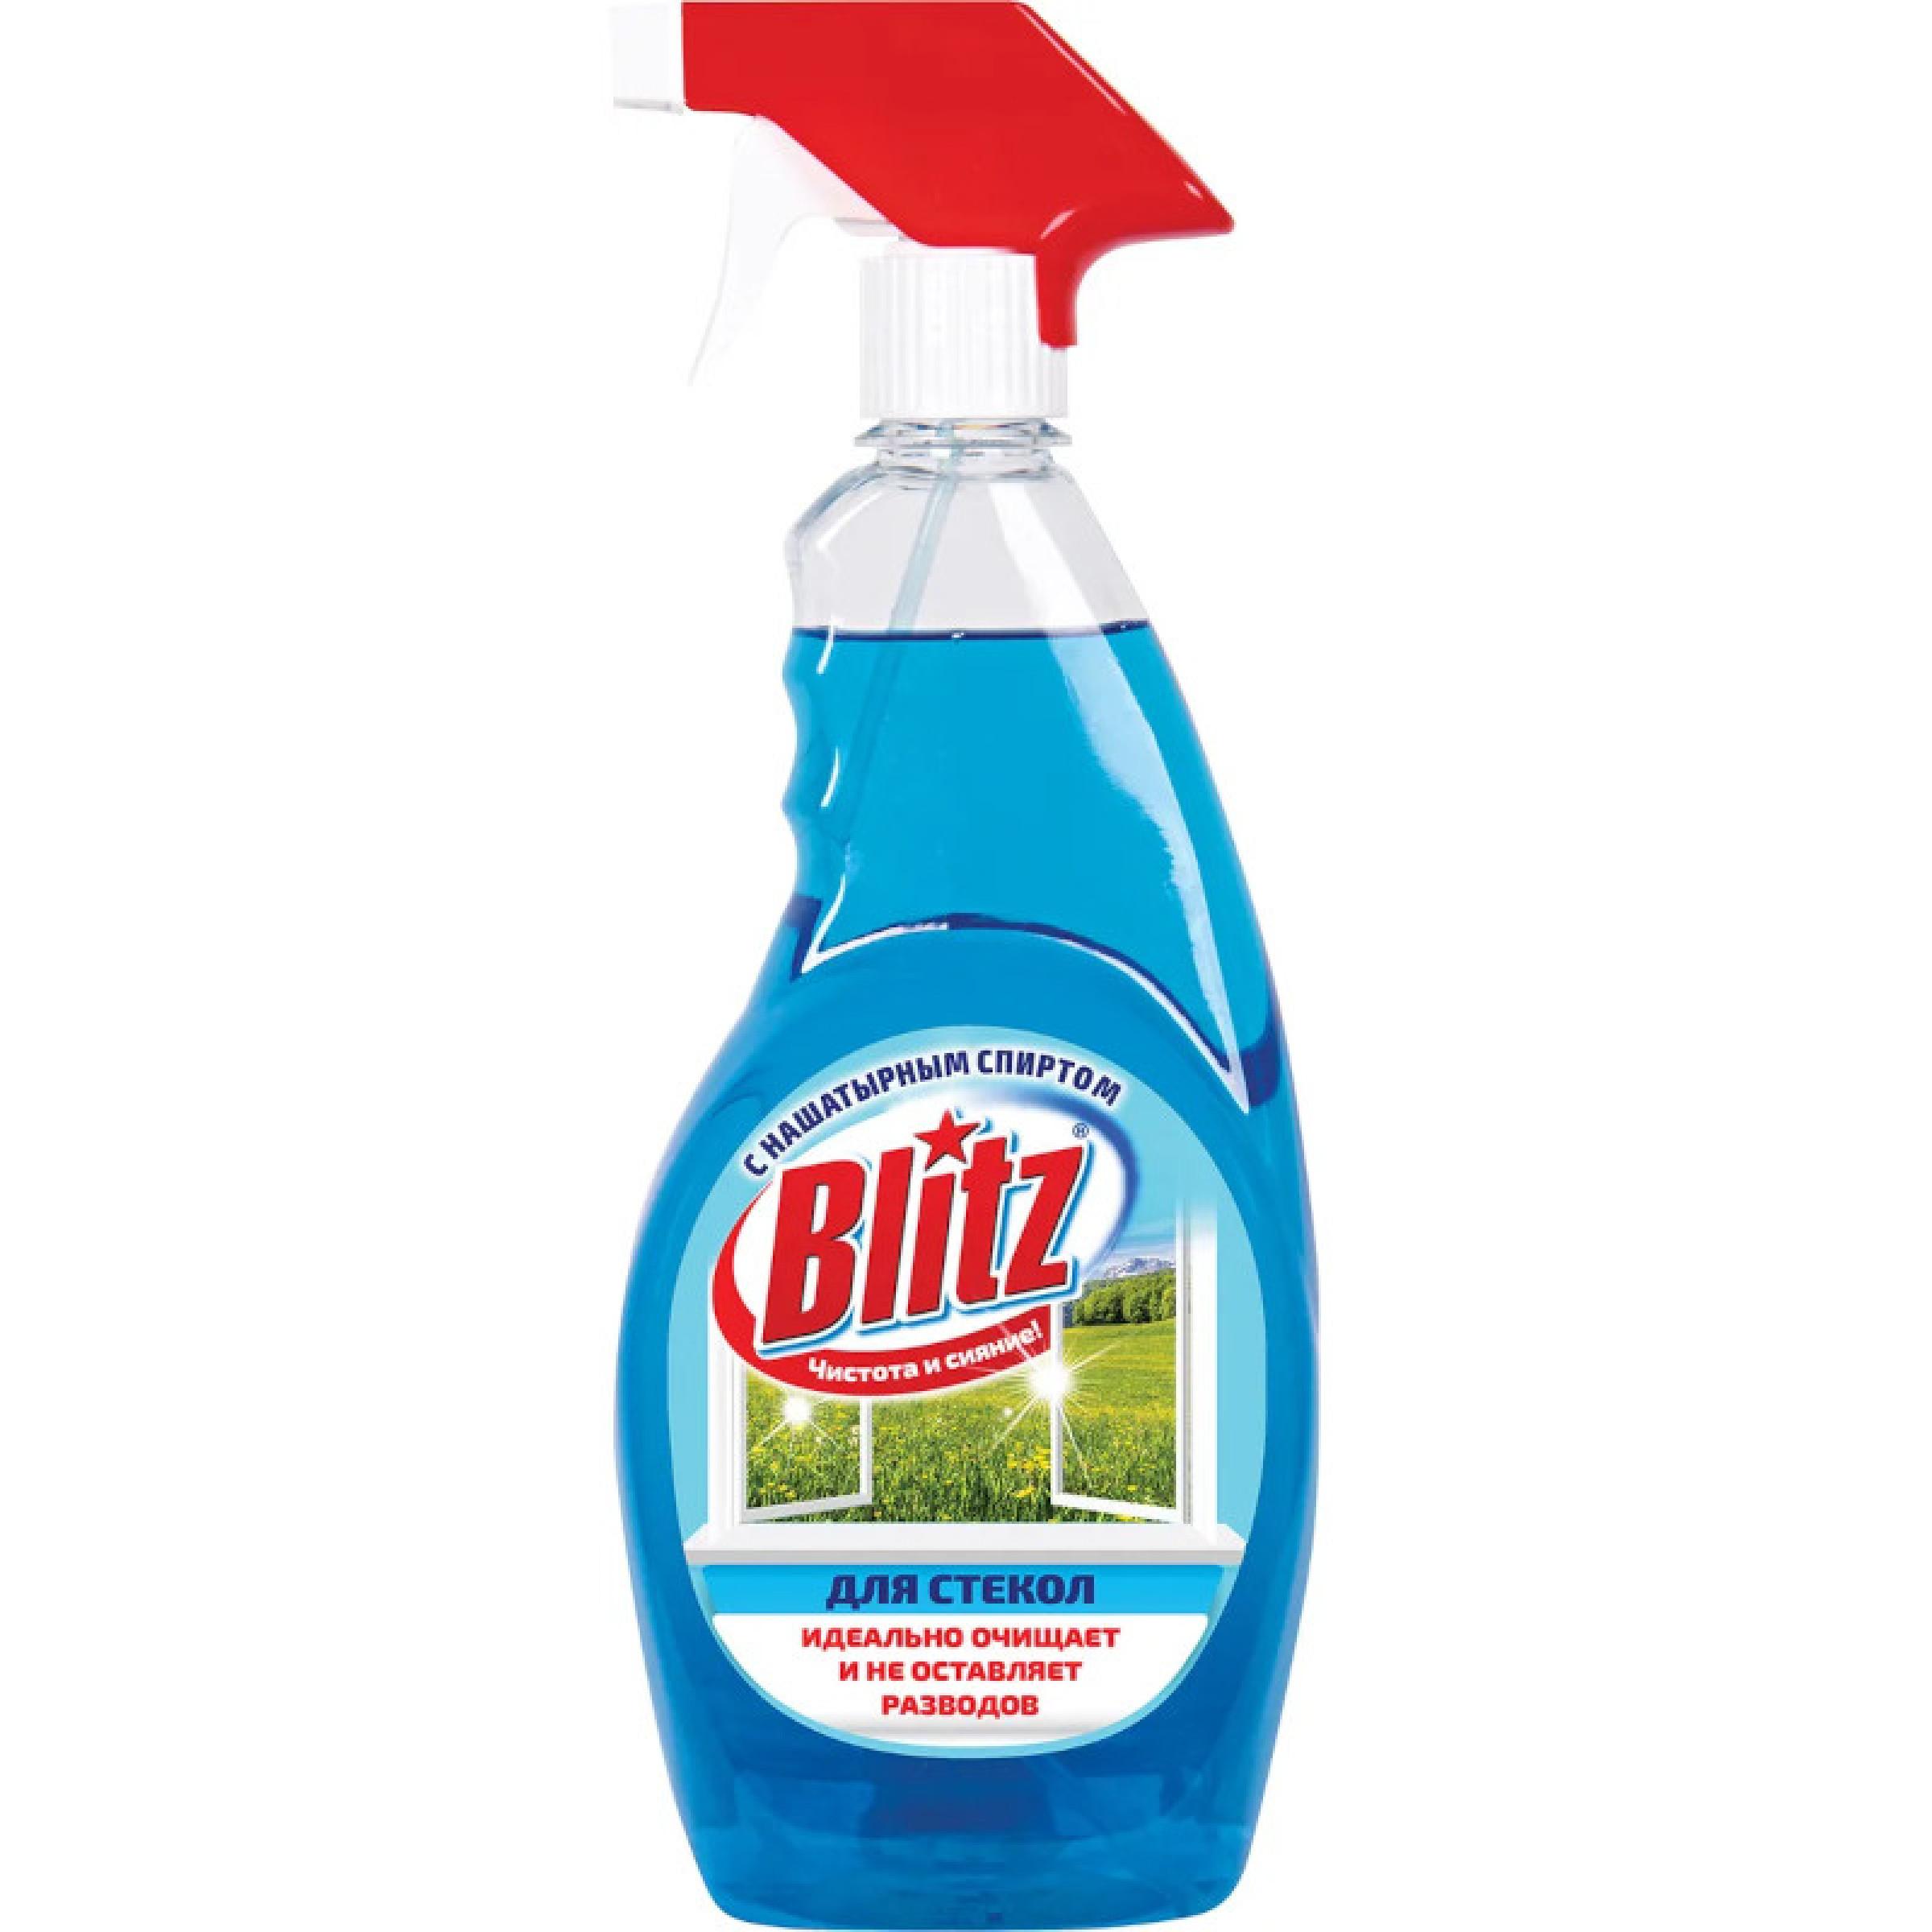 Средство для стекол Blitz с нашатырным спиртом, 500 мл